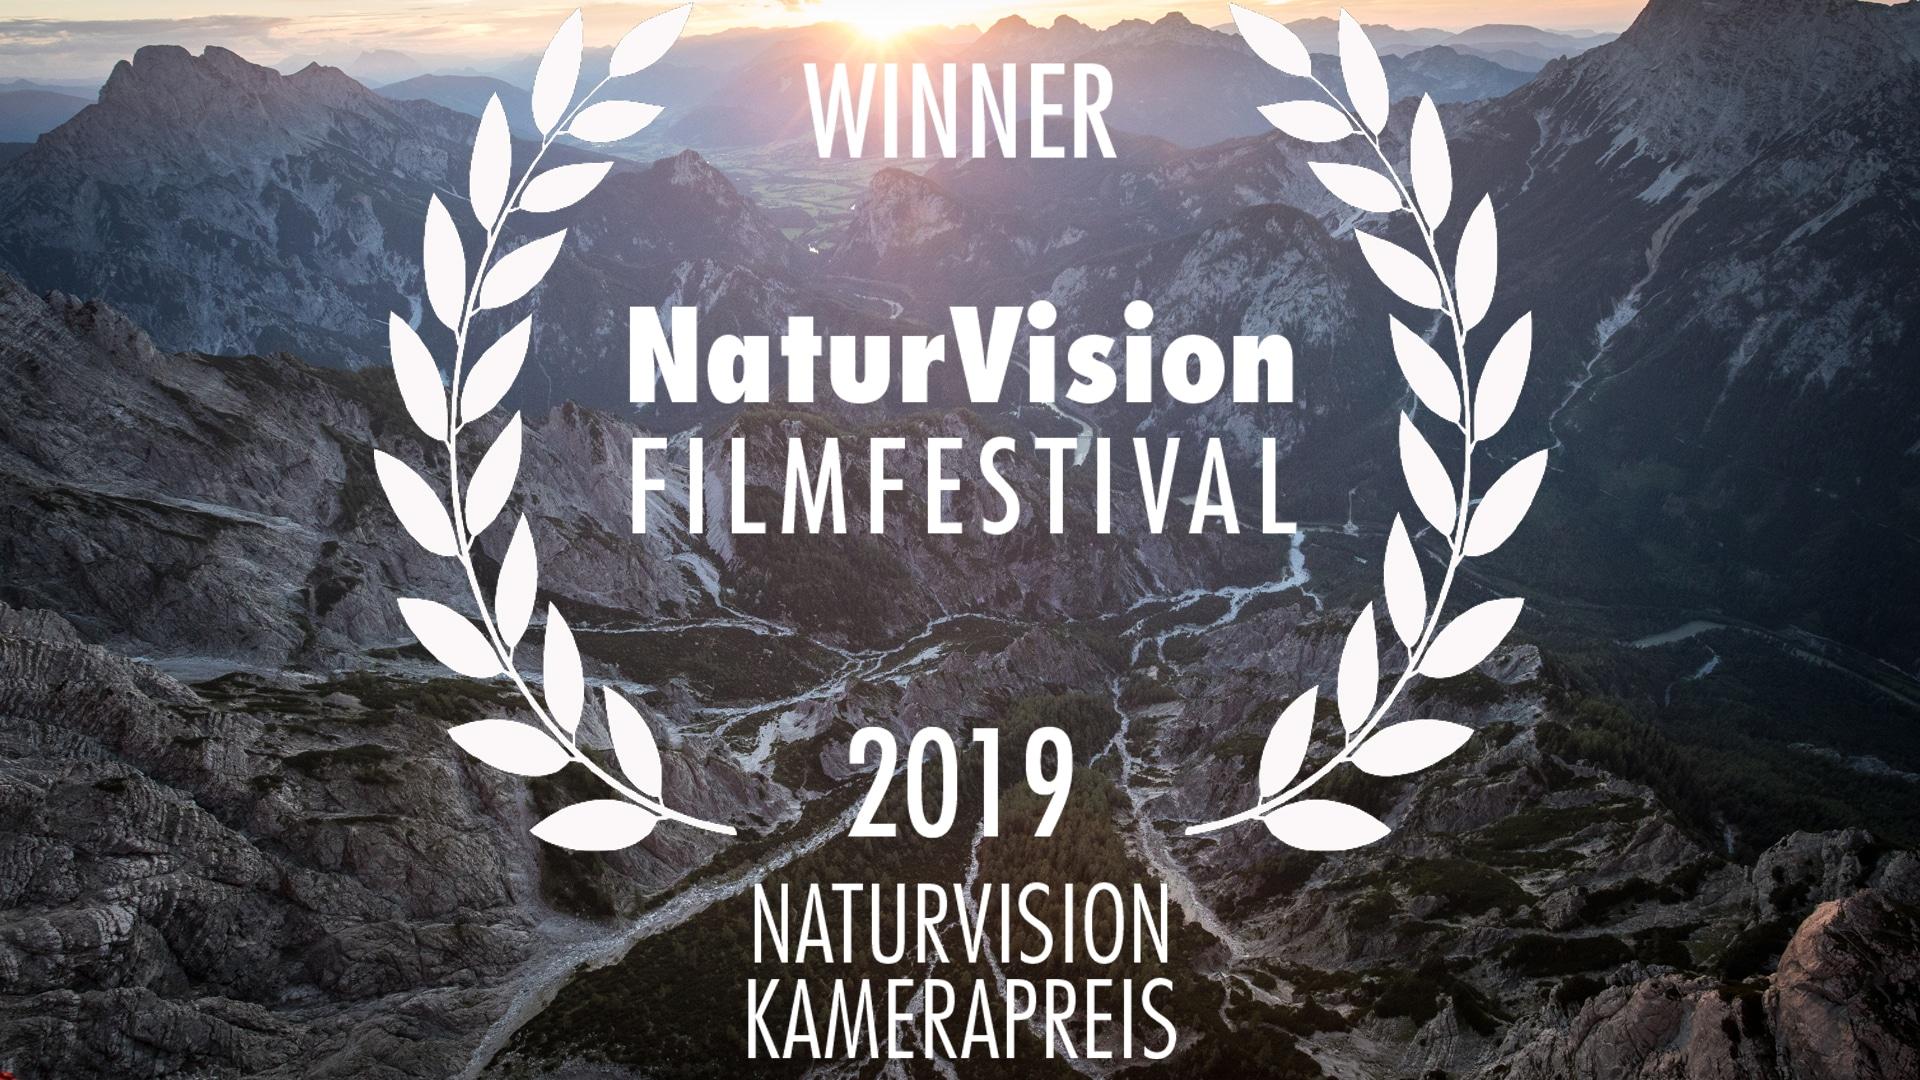 beste kamera naturvision filmfestival 2019 f r. Black Bedroom Furniture Sets. Home Design Ideas